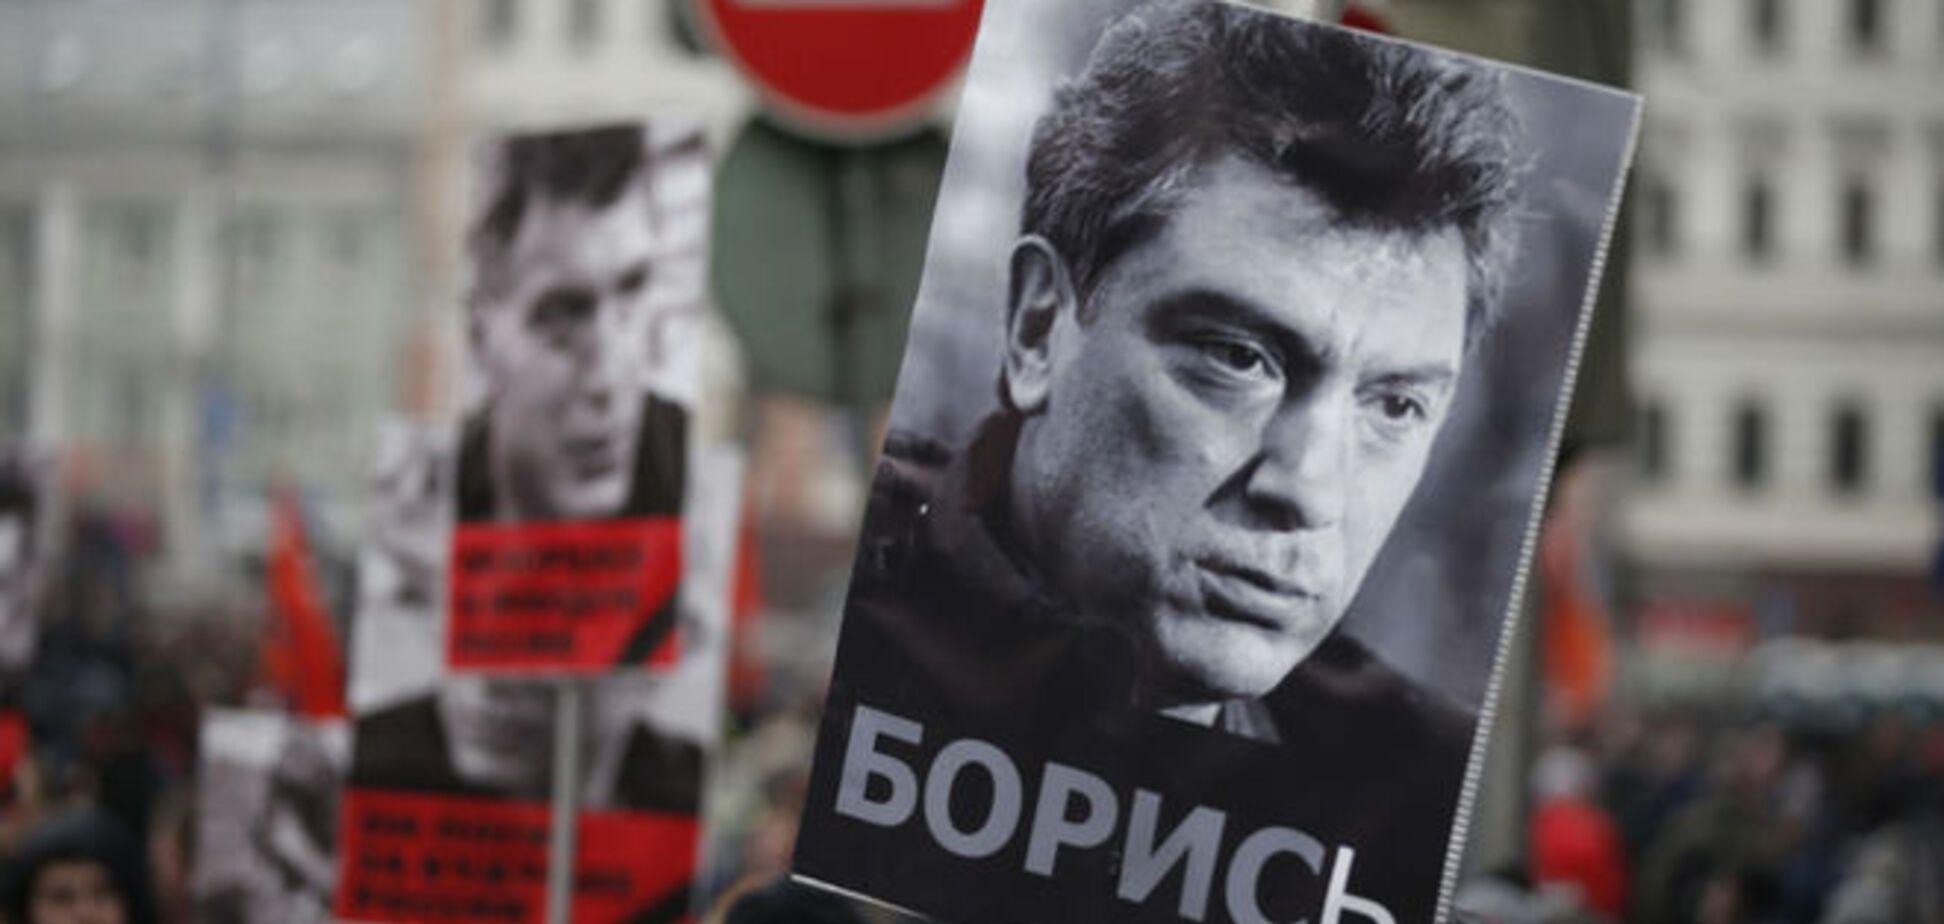 Дурицька на місці вбивства Нємцова позбулася телефону з відстежуючим чіпом - ЗМІ